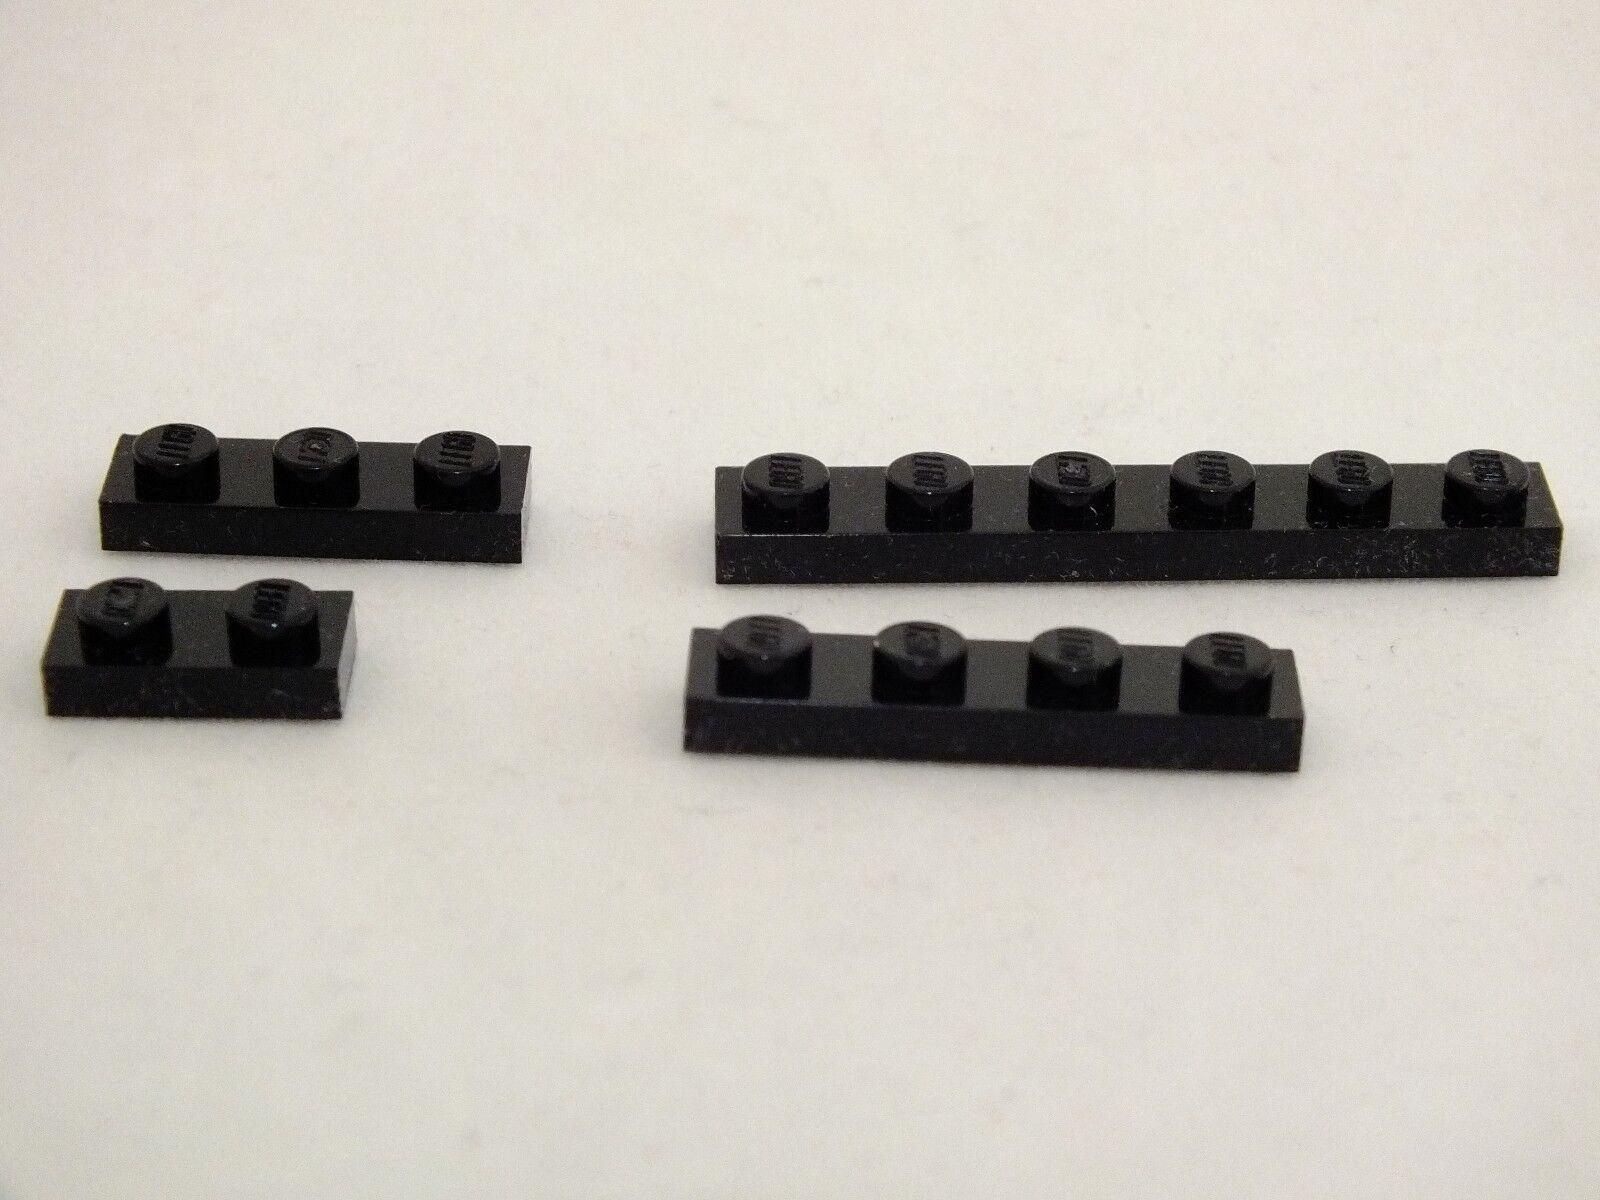 Lego  1X2, 1X3, 1X4 et 1X6 NOIR plaque brique neuf jamais utilisé 540 pieces  marque